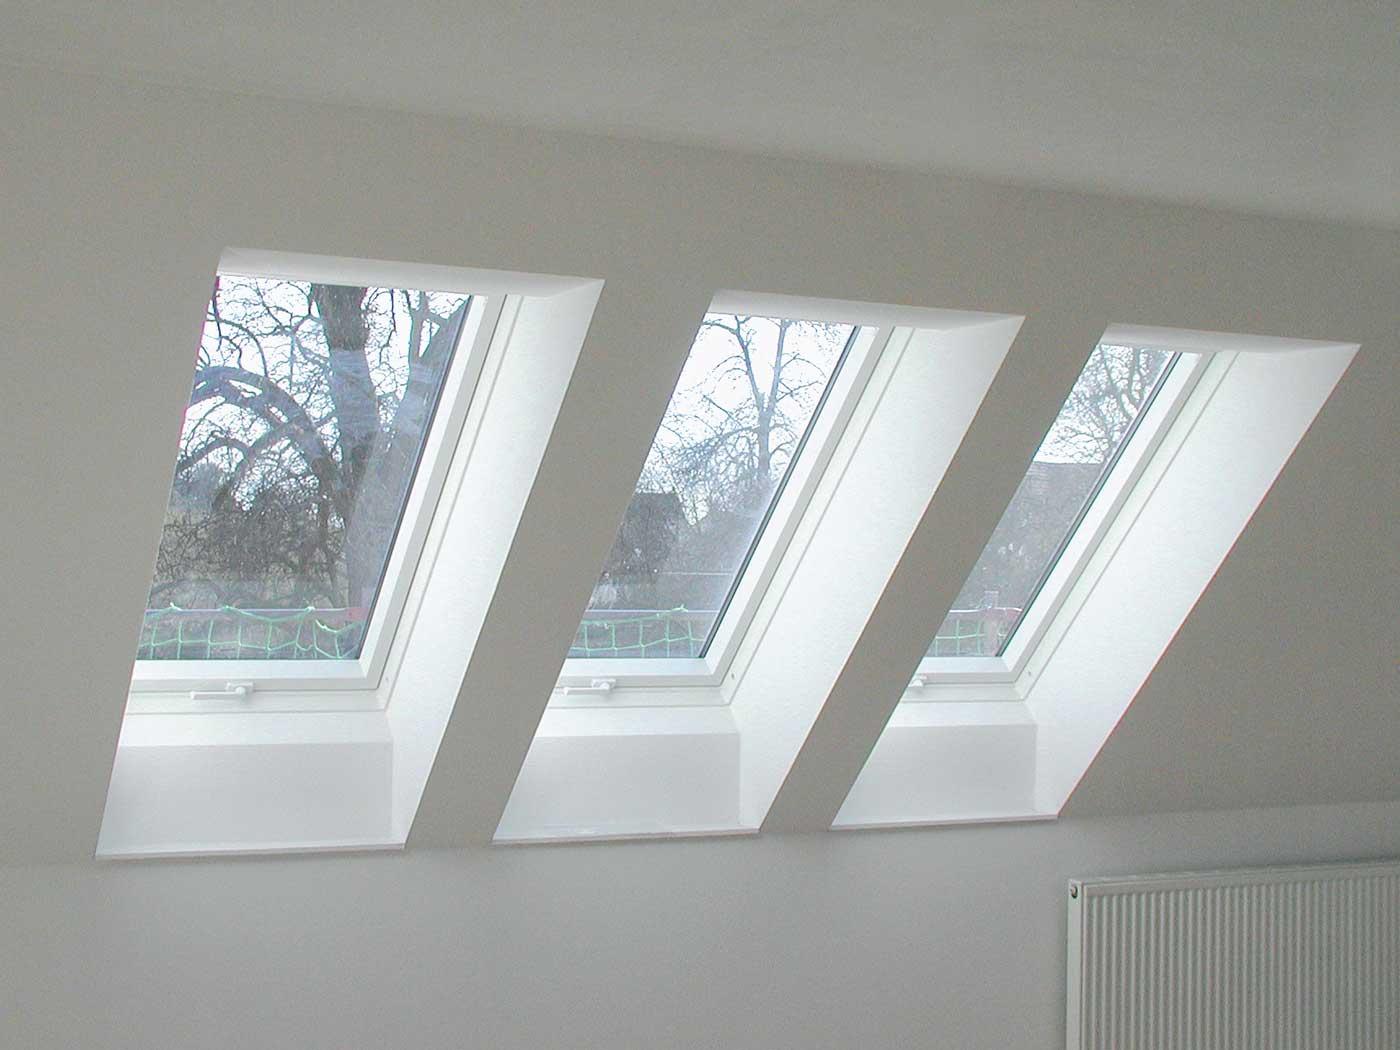 kleih-holzbau-dachfenster